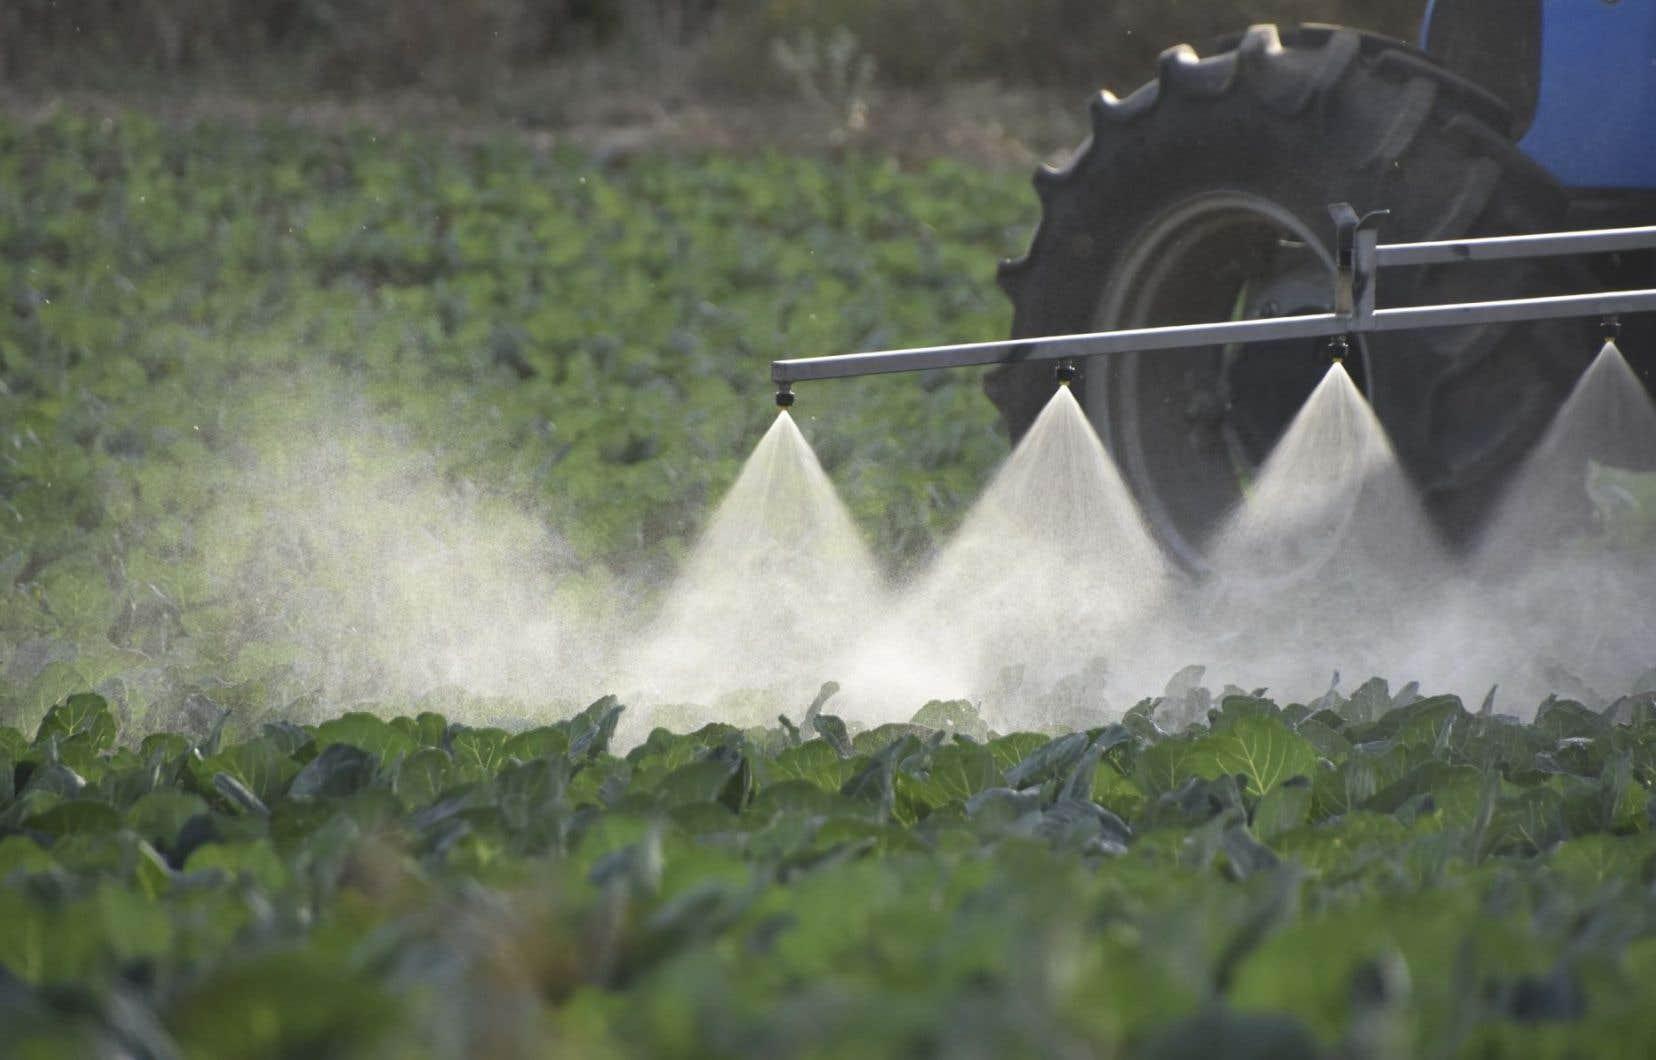 Le manque de contrôle sur l'utilisation des pesticides, notamment, est problématique.